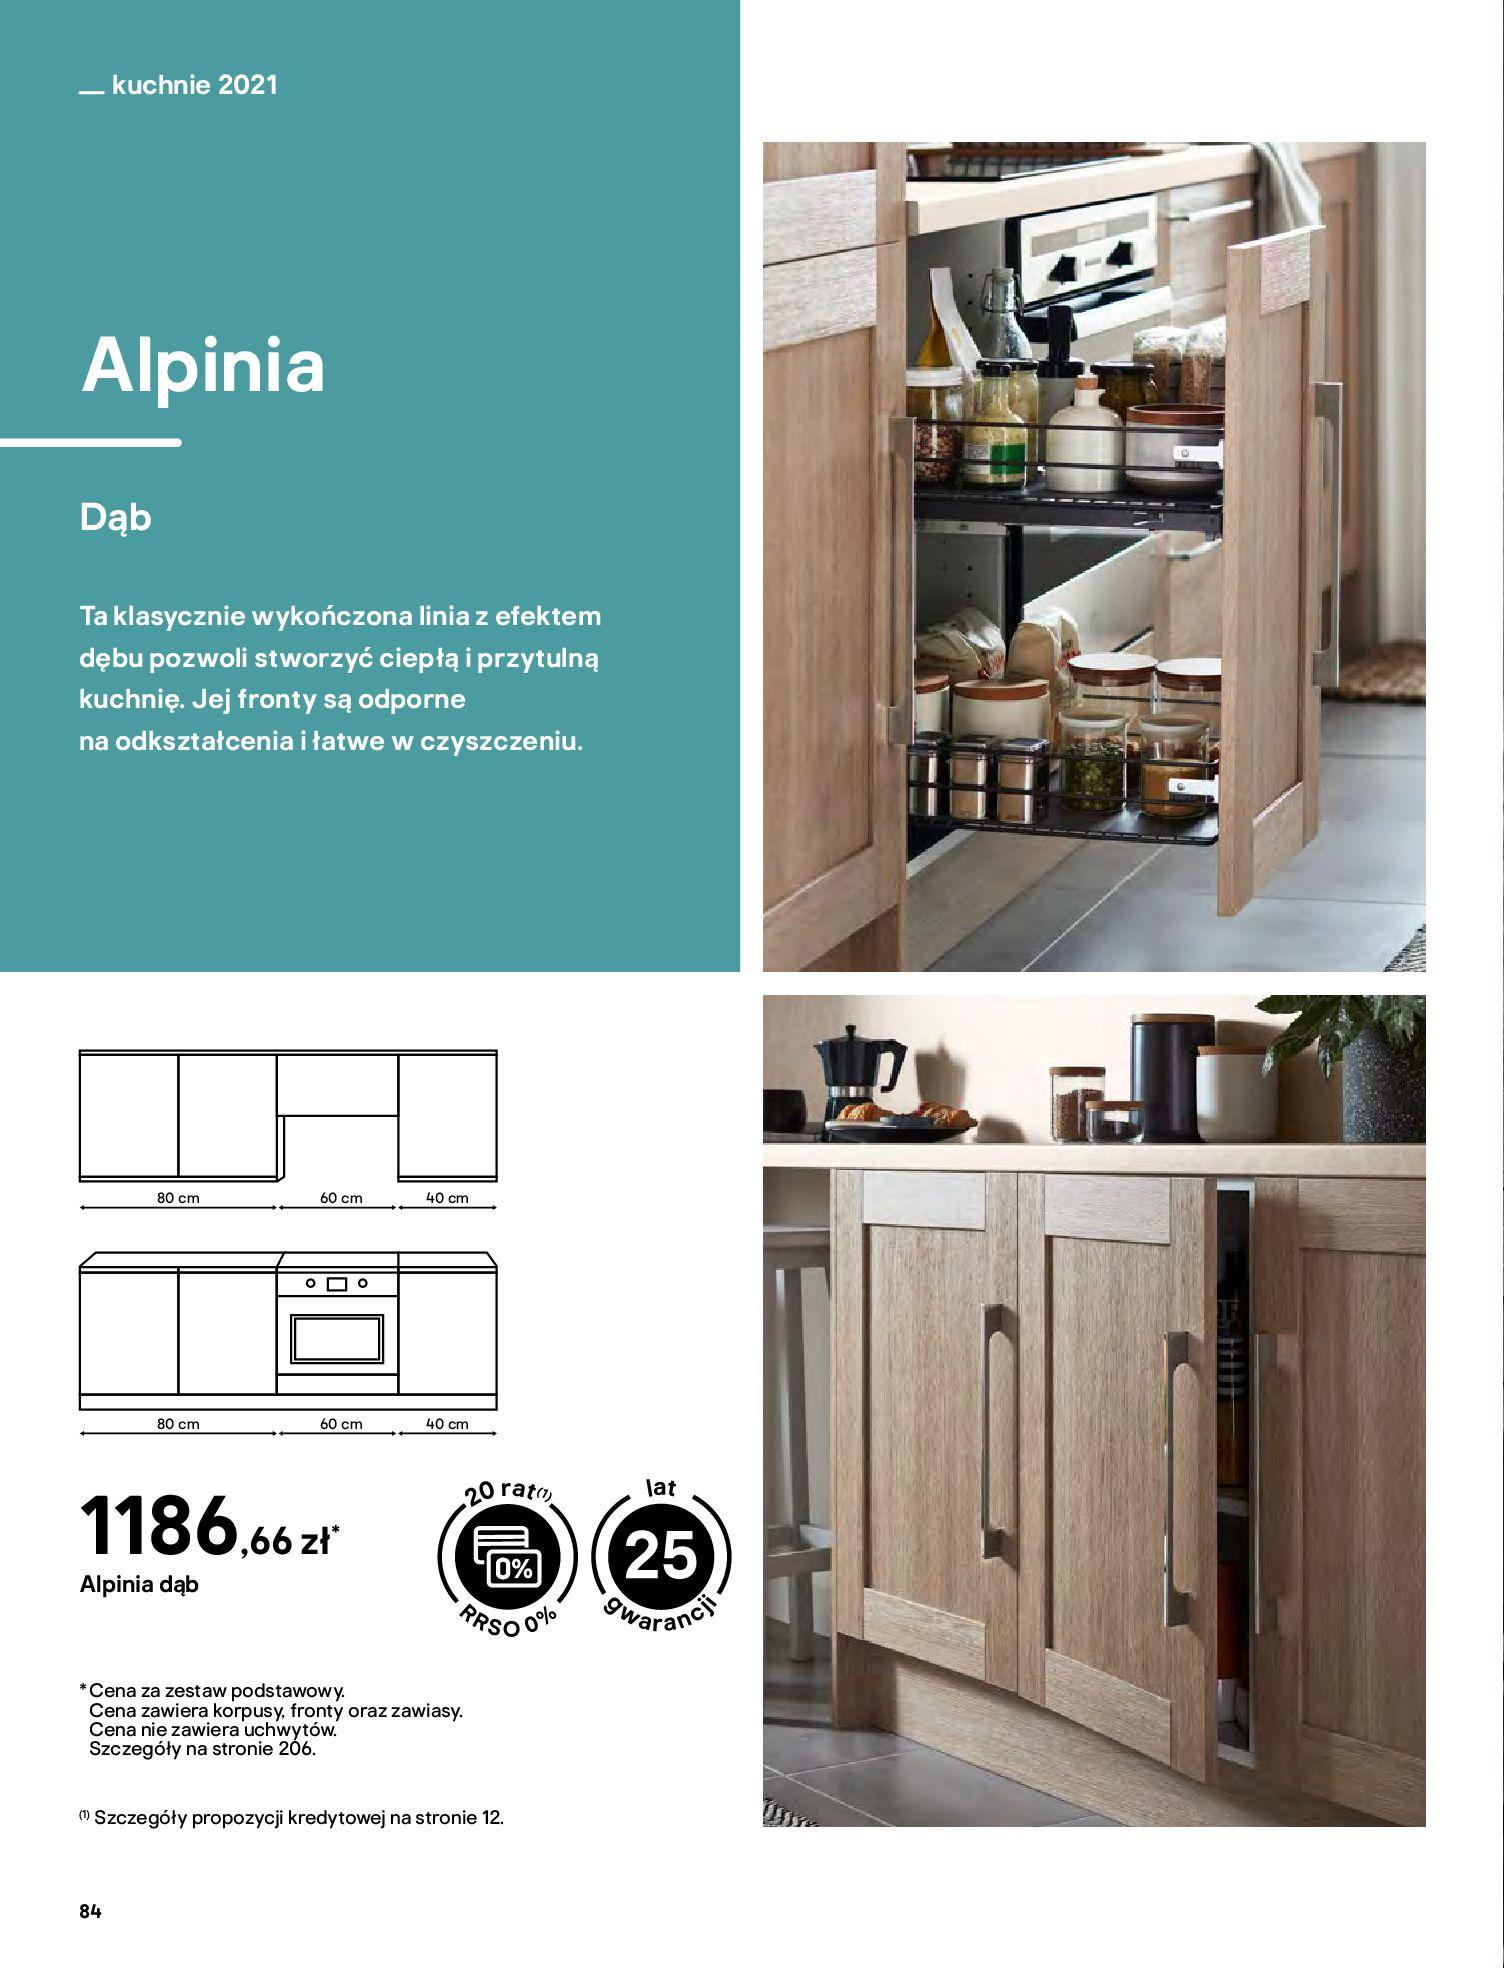 Gazetka Castorama: Katalog kuchnie 2021 2021-05-04 page-84